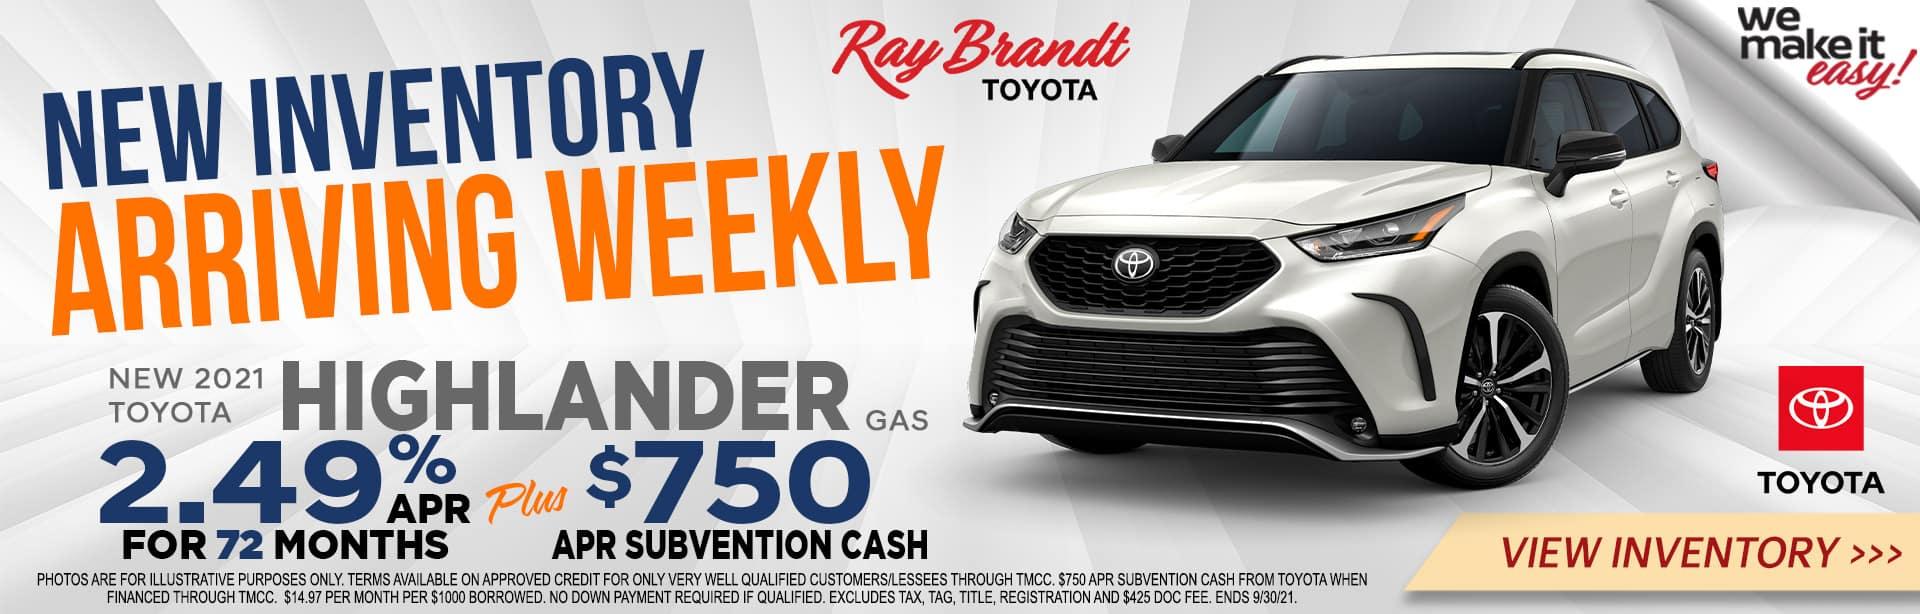 750 Customer Cash on Toyota Highlander